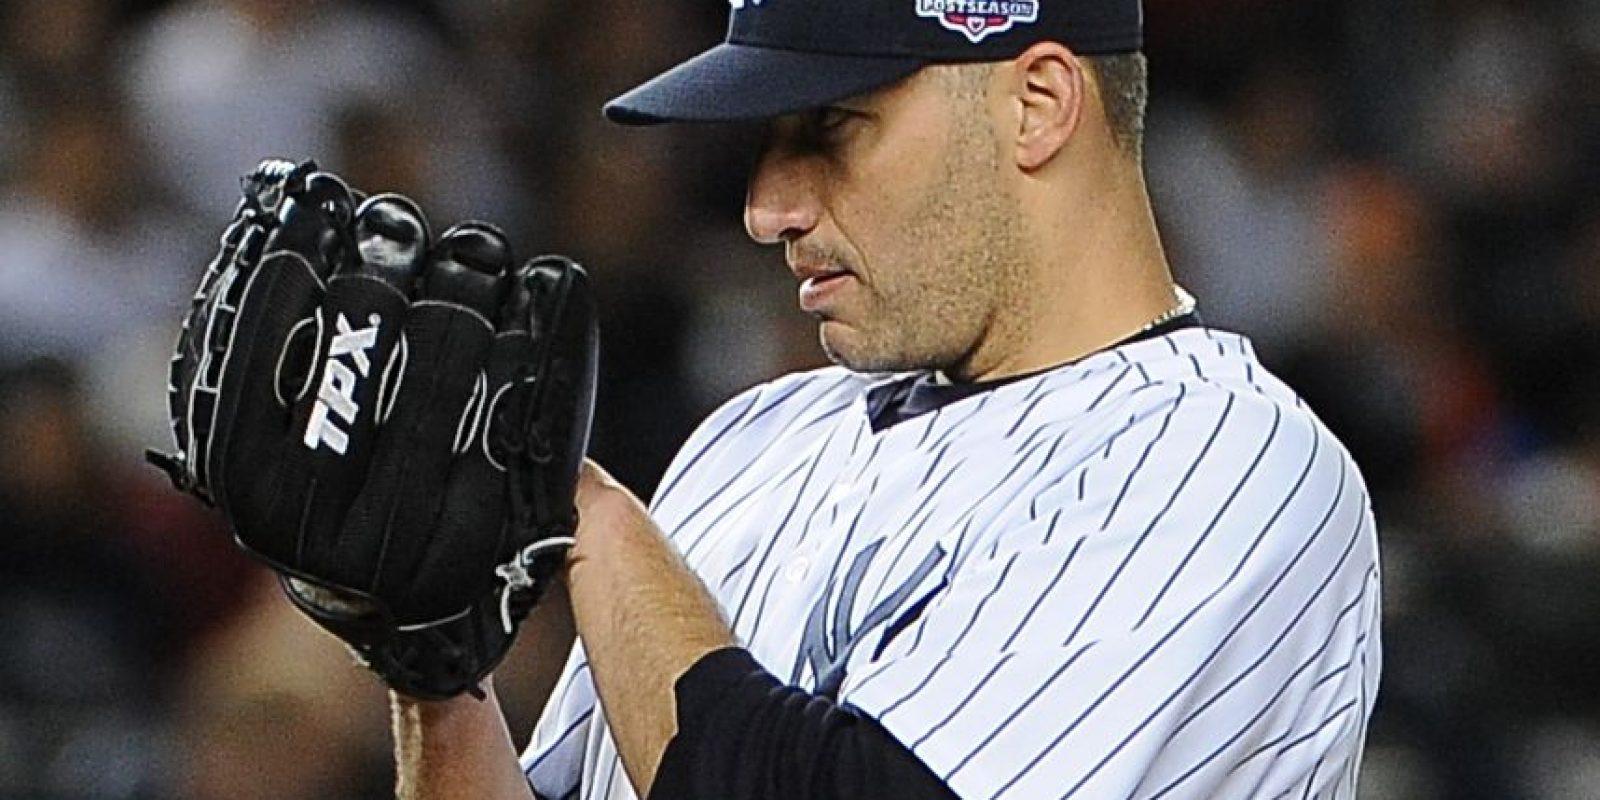 10- Andy Pettite. La camiseta a rayas de los Yankees parece ser una motivación extra para Ortiz, quien castigó a uno de los lanzadores insignia de New York, como lo es este pitcher zurdo. El dominicano le soltó 24 incogibles en 70 turnos, promediando .343 en esos intercambios, con ocho dobles y un cuadrangular. Sus 14 producidas frente a Pettitte es la cuarta mayor cantidad ante un lanzador de liga mayor. Foto:Archivo